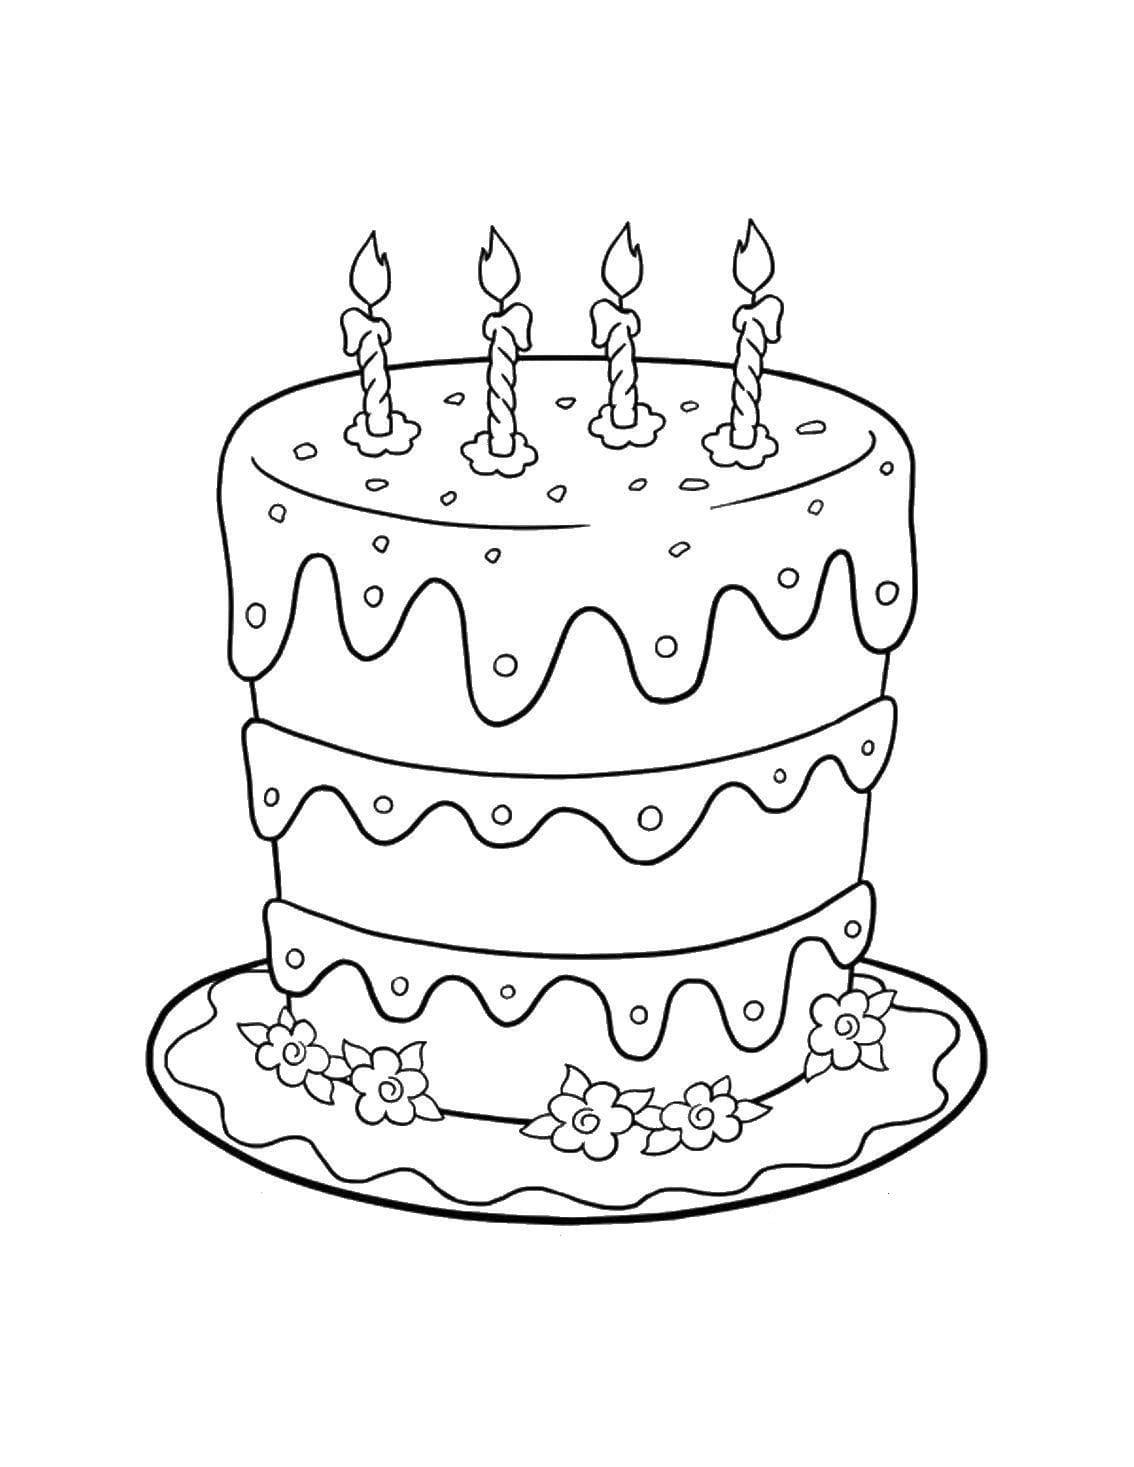 Раскраски Торт. Распечатать бесплатно, 110 изображений